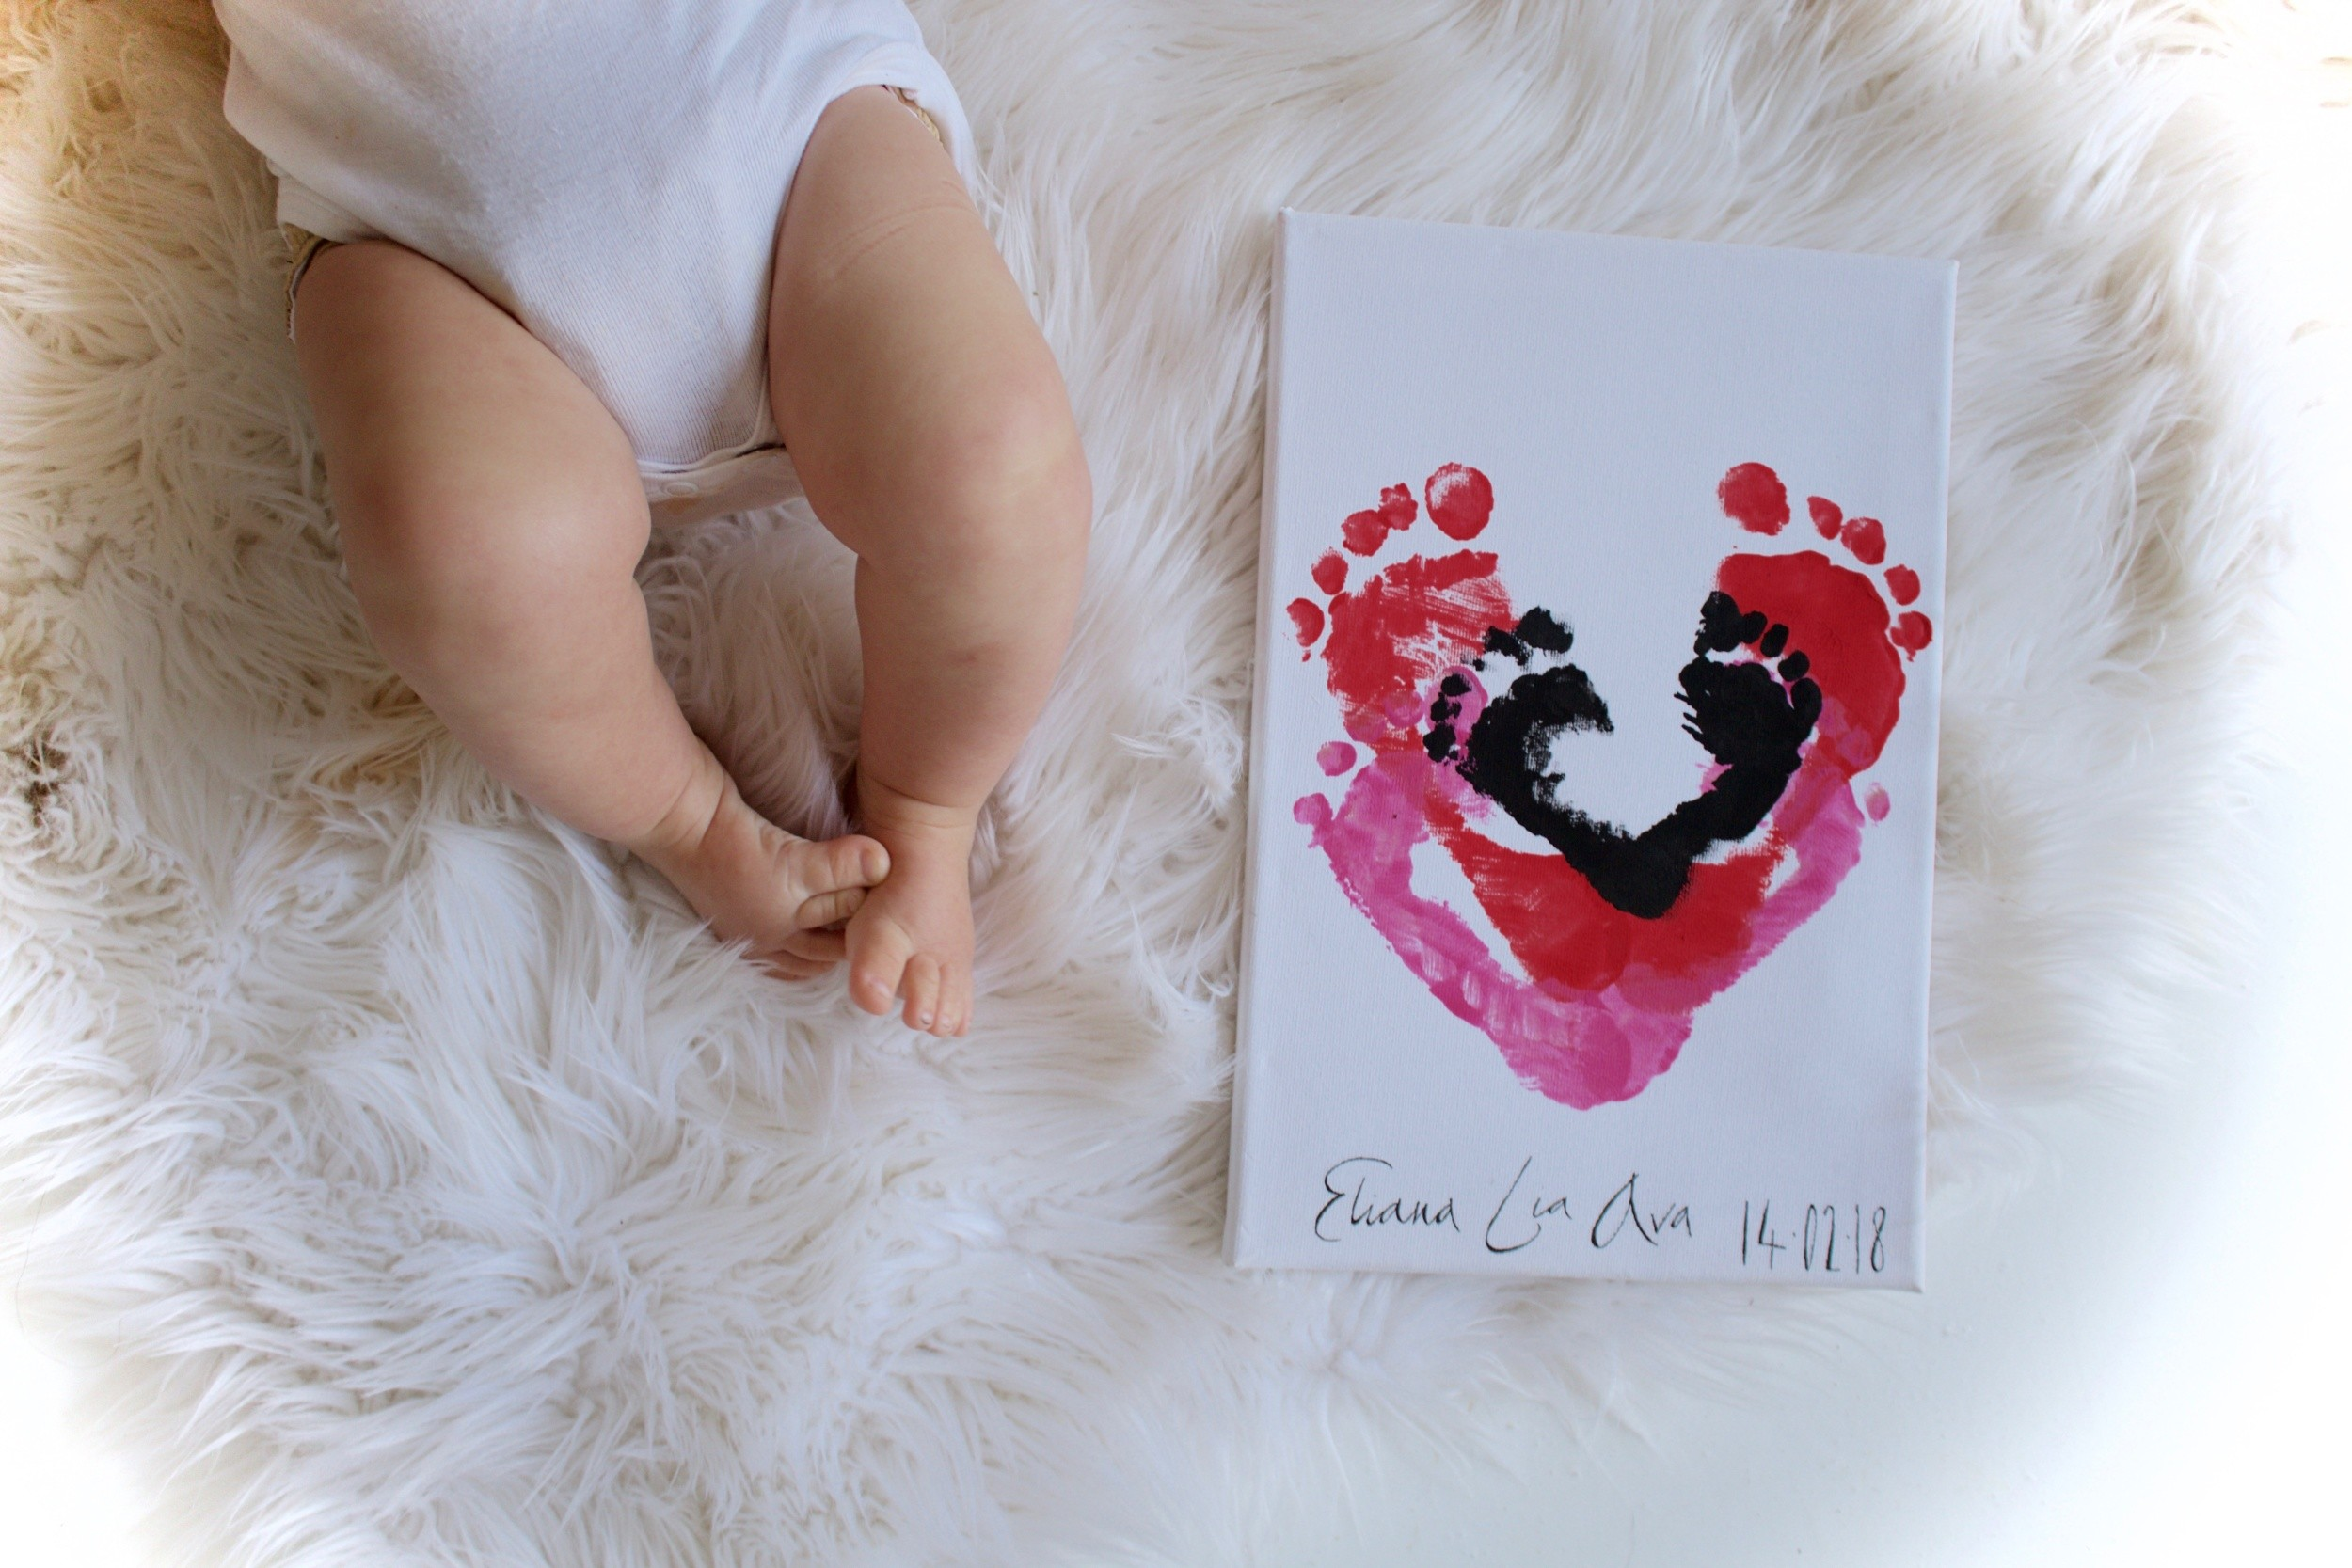 JustaMamma Valentines Day gift ideas kids footprints